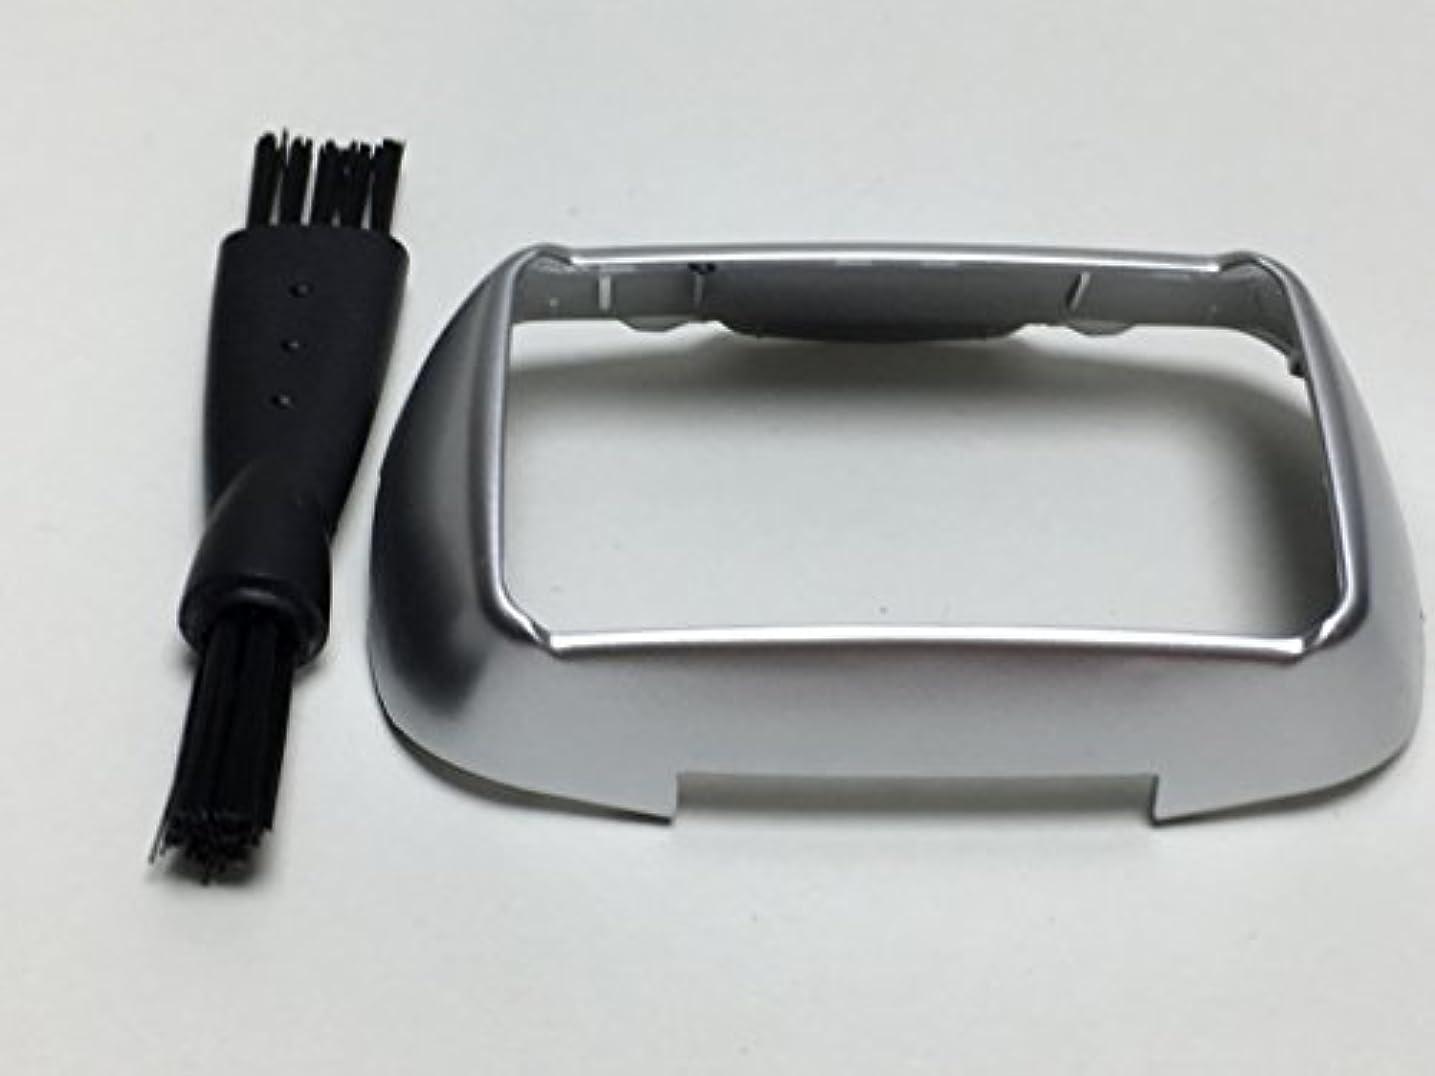 増幅する先住民硬化するシェービングカミソリヘッドフレームホルダーカバー For Panasonic Arc5 ES-ELV9 ES-LV94 ES-LV96 ES-LV96-S ES-CLV96 ES-LV95 ES-LV95-S ES-LV9A-S...